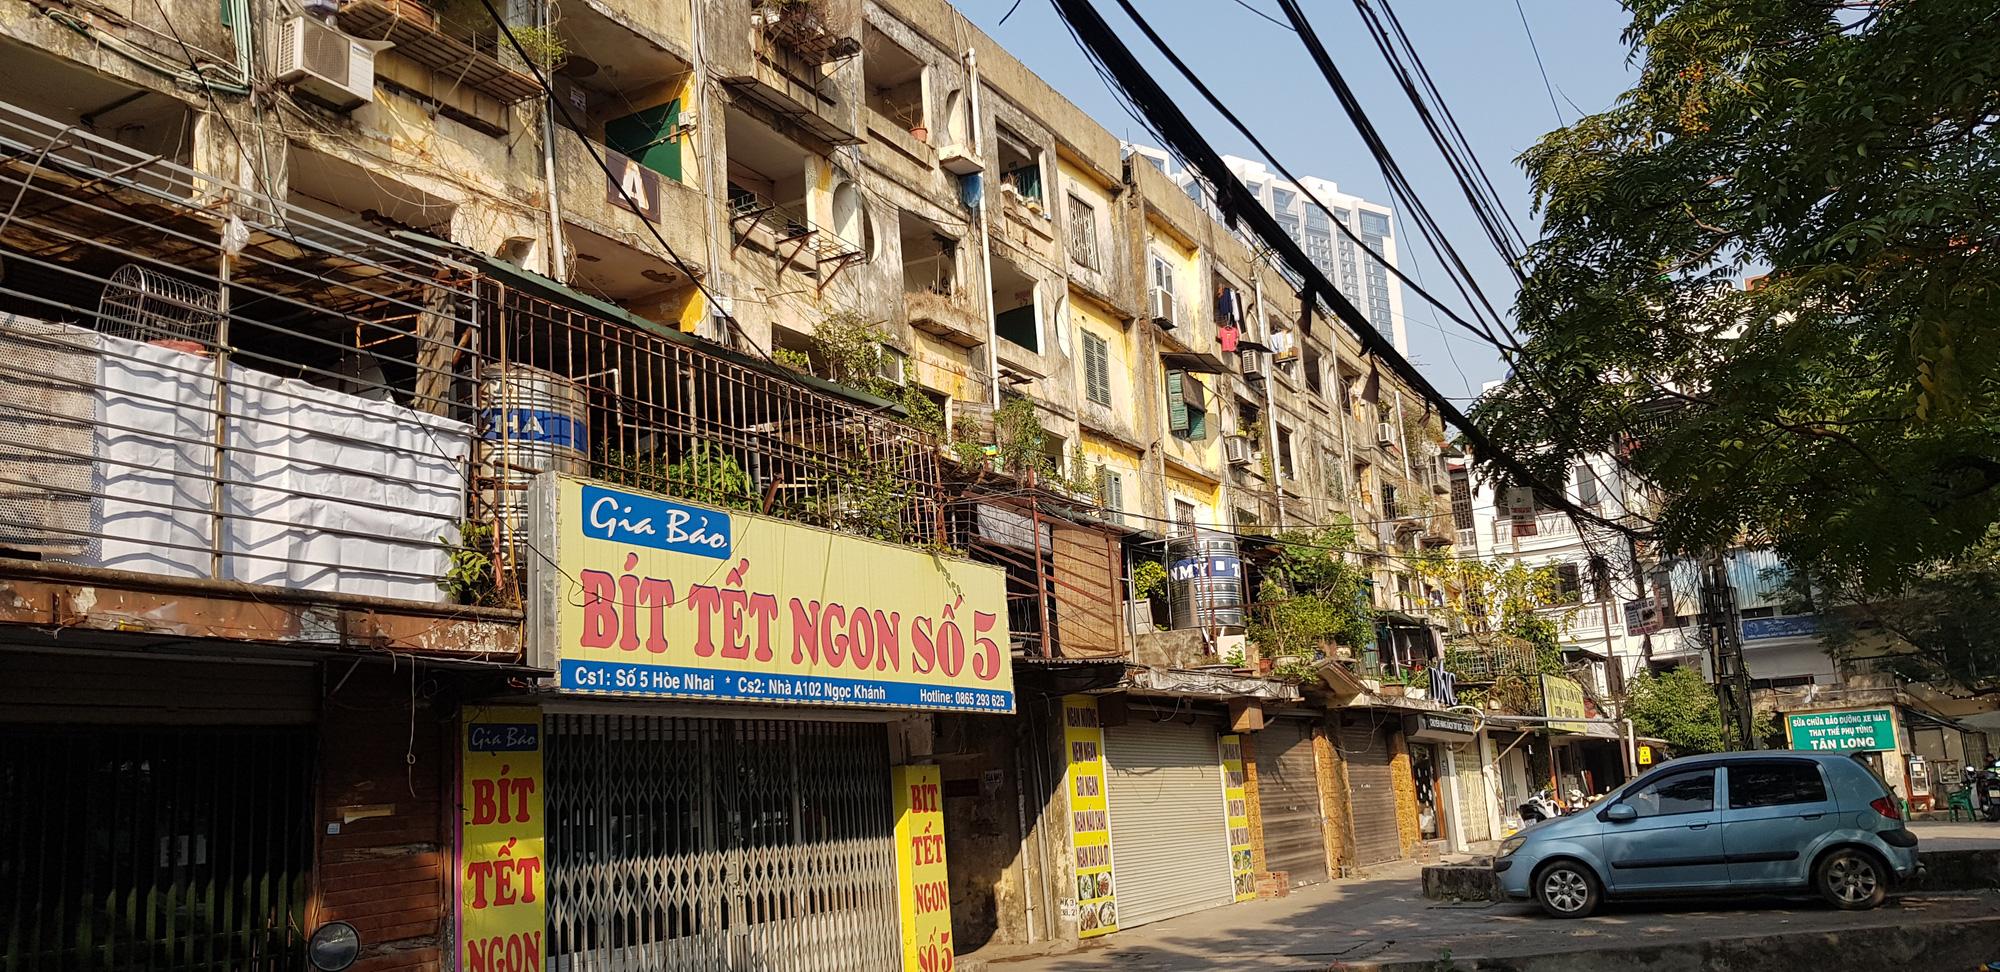 Hà Nội giải thể Ban Chỉ đạo về cải tạo, xây dựng lại nhà chung cư cũ - Ảnh 1.